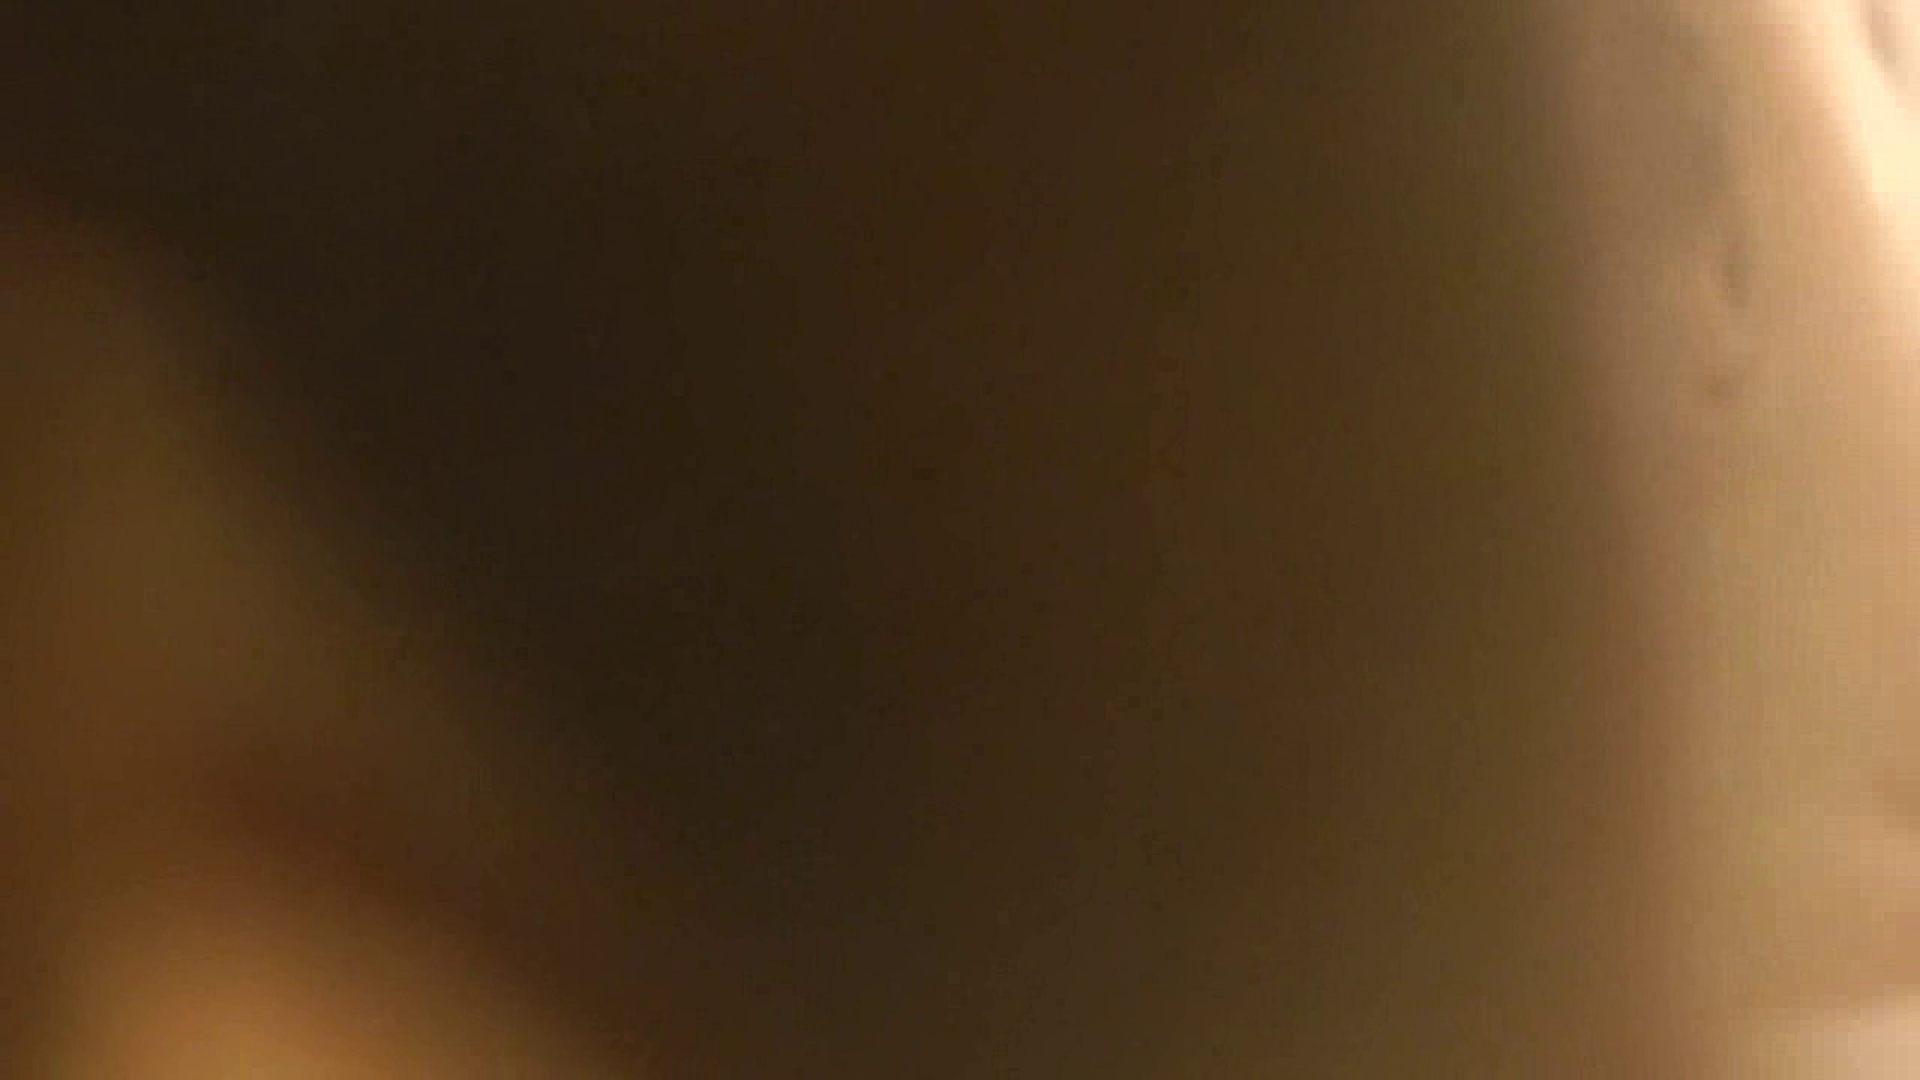 vol.1 Mayumi 窓越しに入浴シーン撮影に成功 OL   入浴シーン  89連発 34